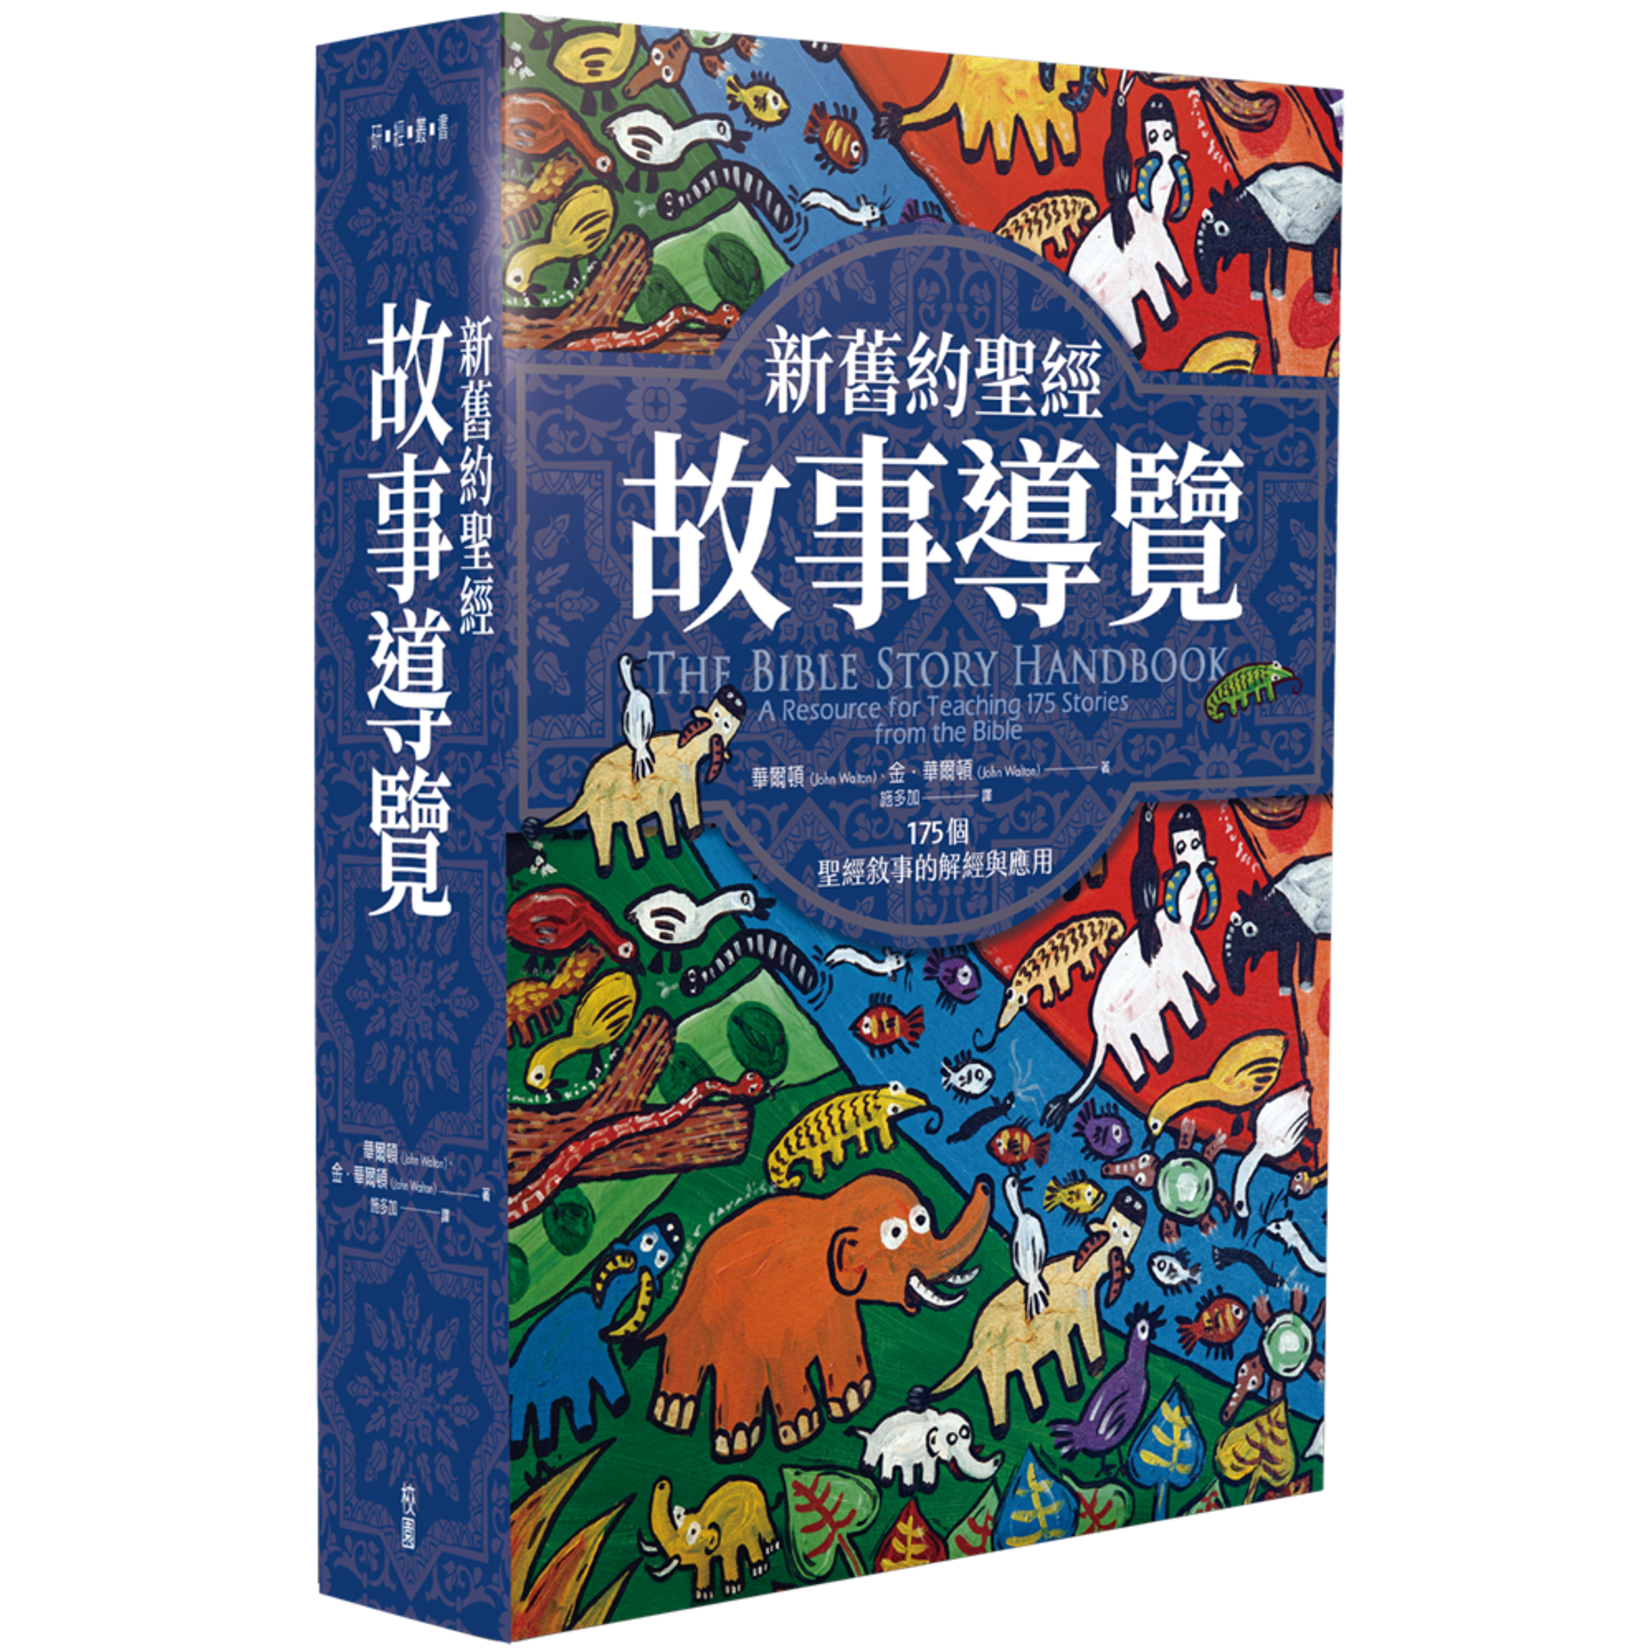 校園書房 Campus Books 新舊約聖經故事導覽:175個聖經敘事的解經與應用 The Bible Story Handbook